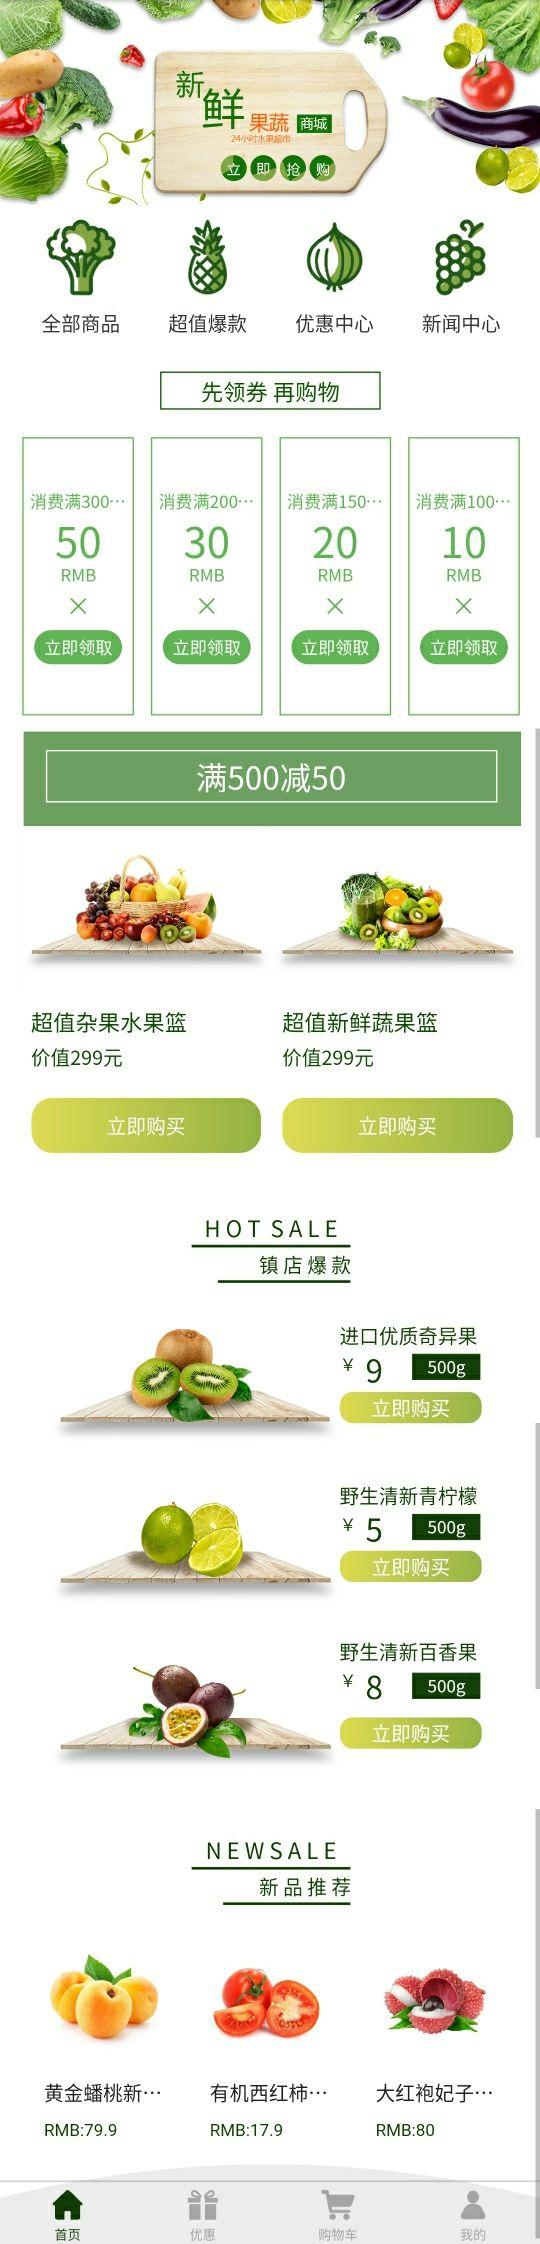 新鲜果蔬小程序商城模板